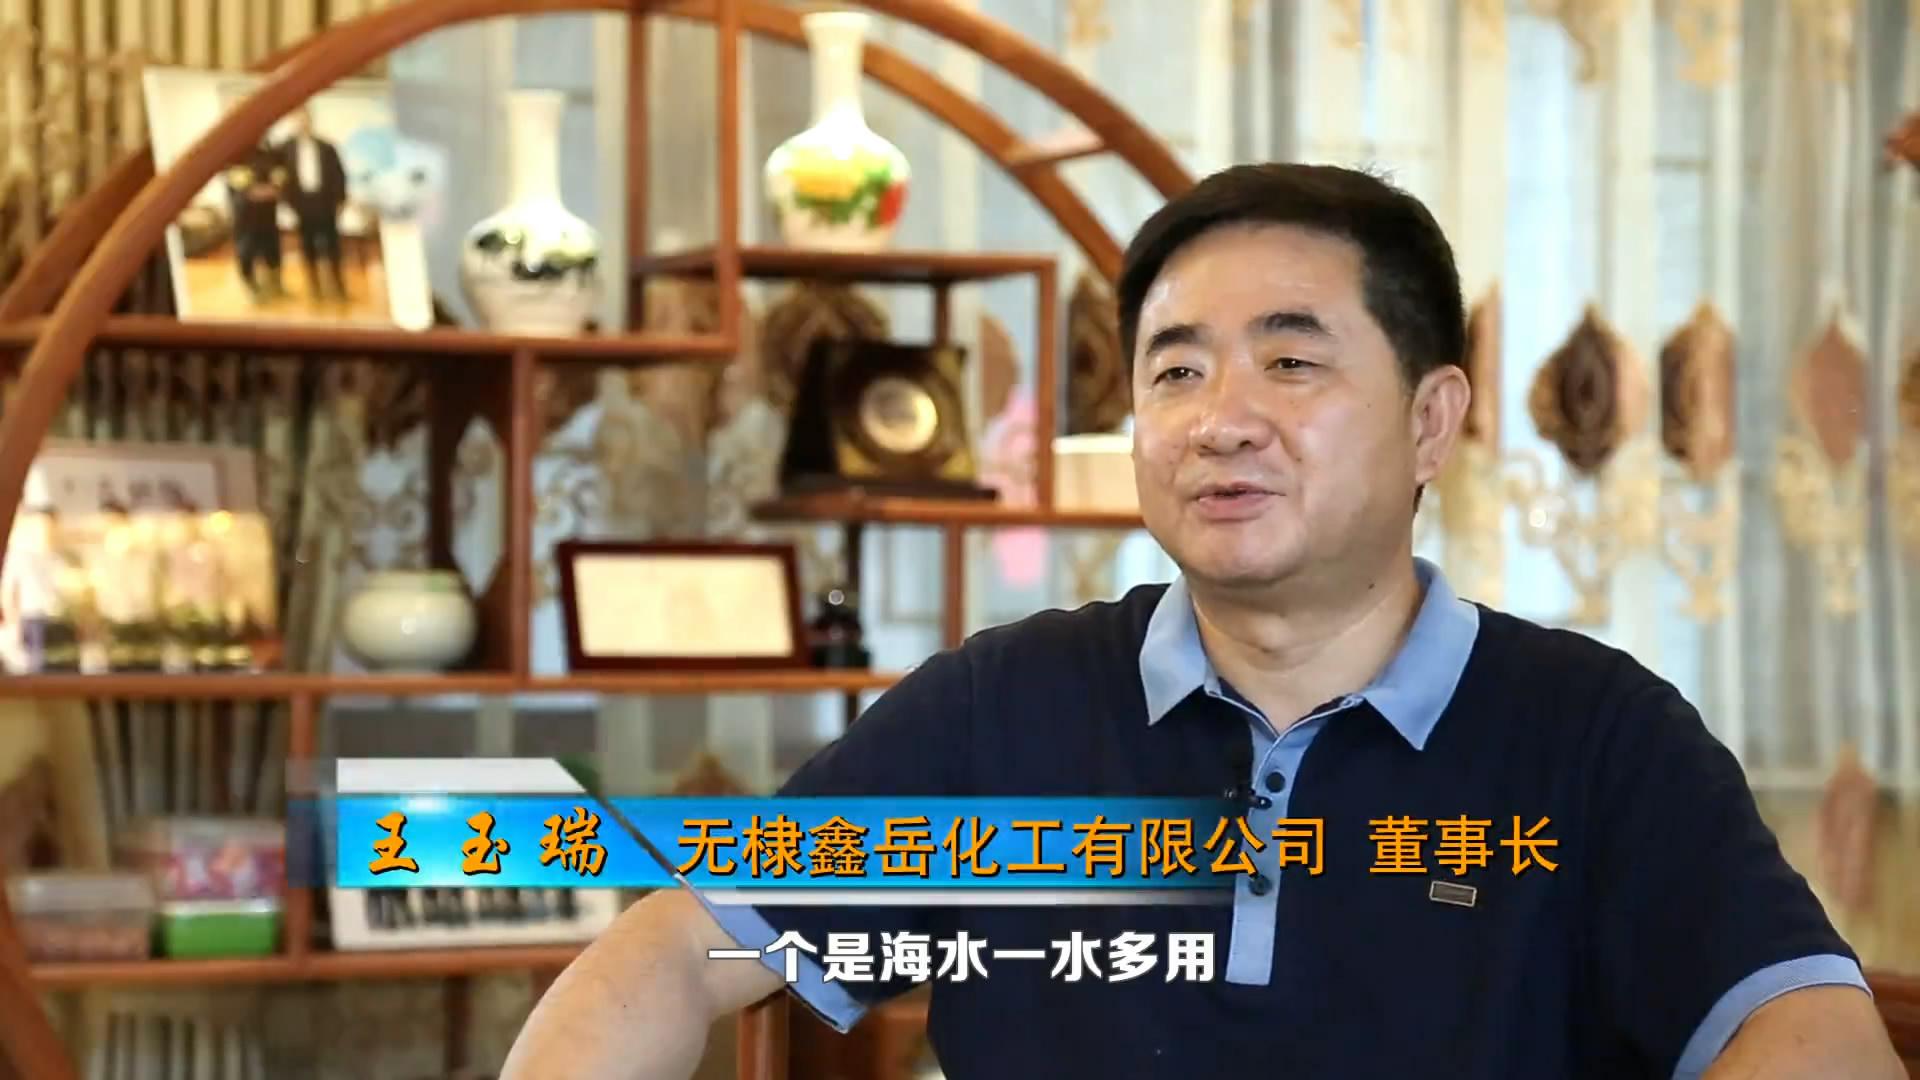 无棣鑫岳化工有限公司董事长王玉瑞